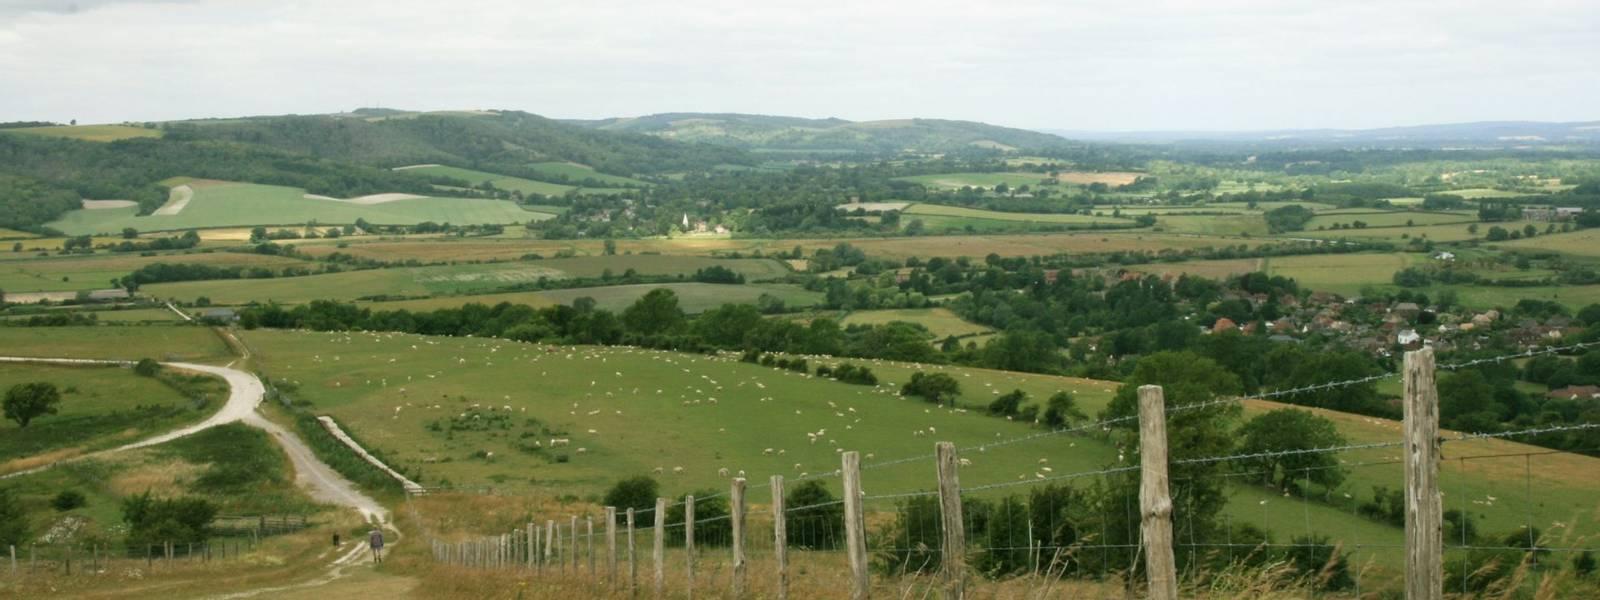 View_from_Rackham_Hill.JPG